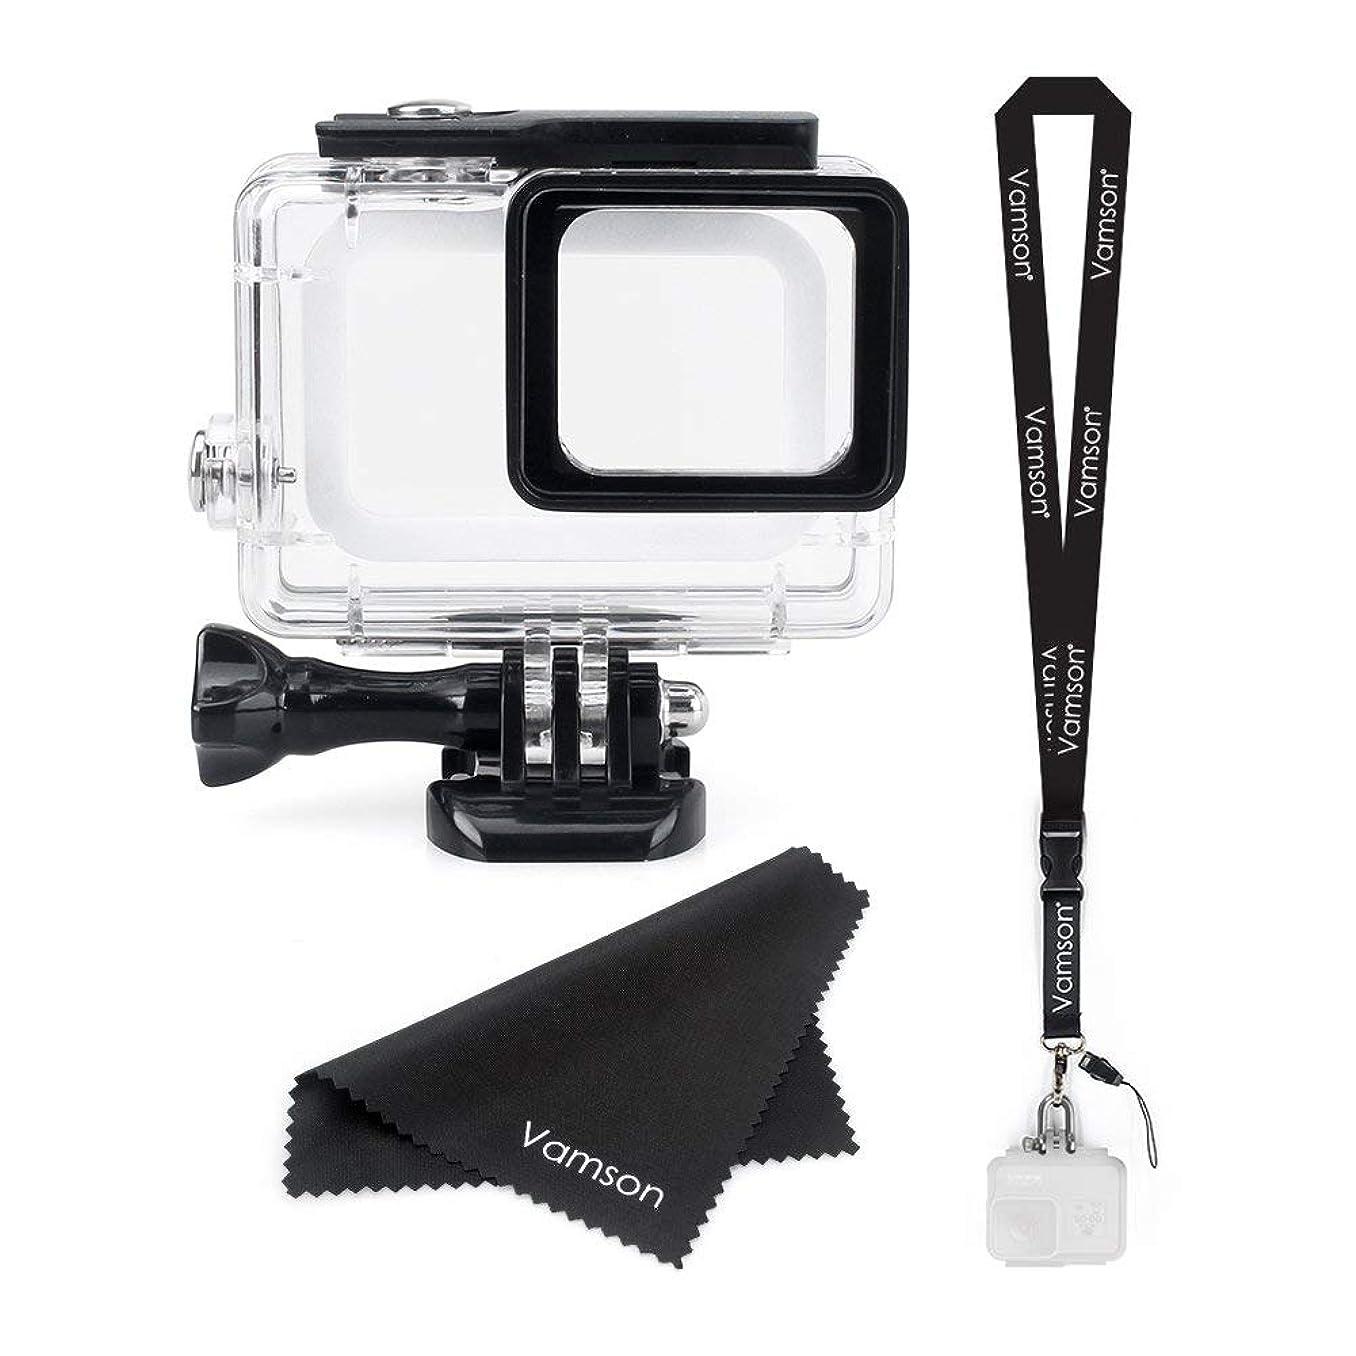 均等に役立つご予約Vamson 防水ハウジングケース GoPro Hero 7/6/5/2018ブラック適用 45m水深ダイビング 防水 防塵 保護ケース 水中撮影用 アクションカメラ